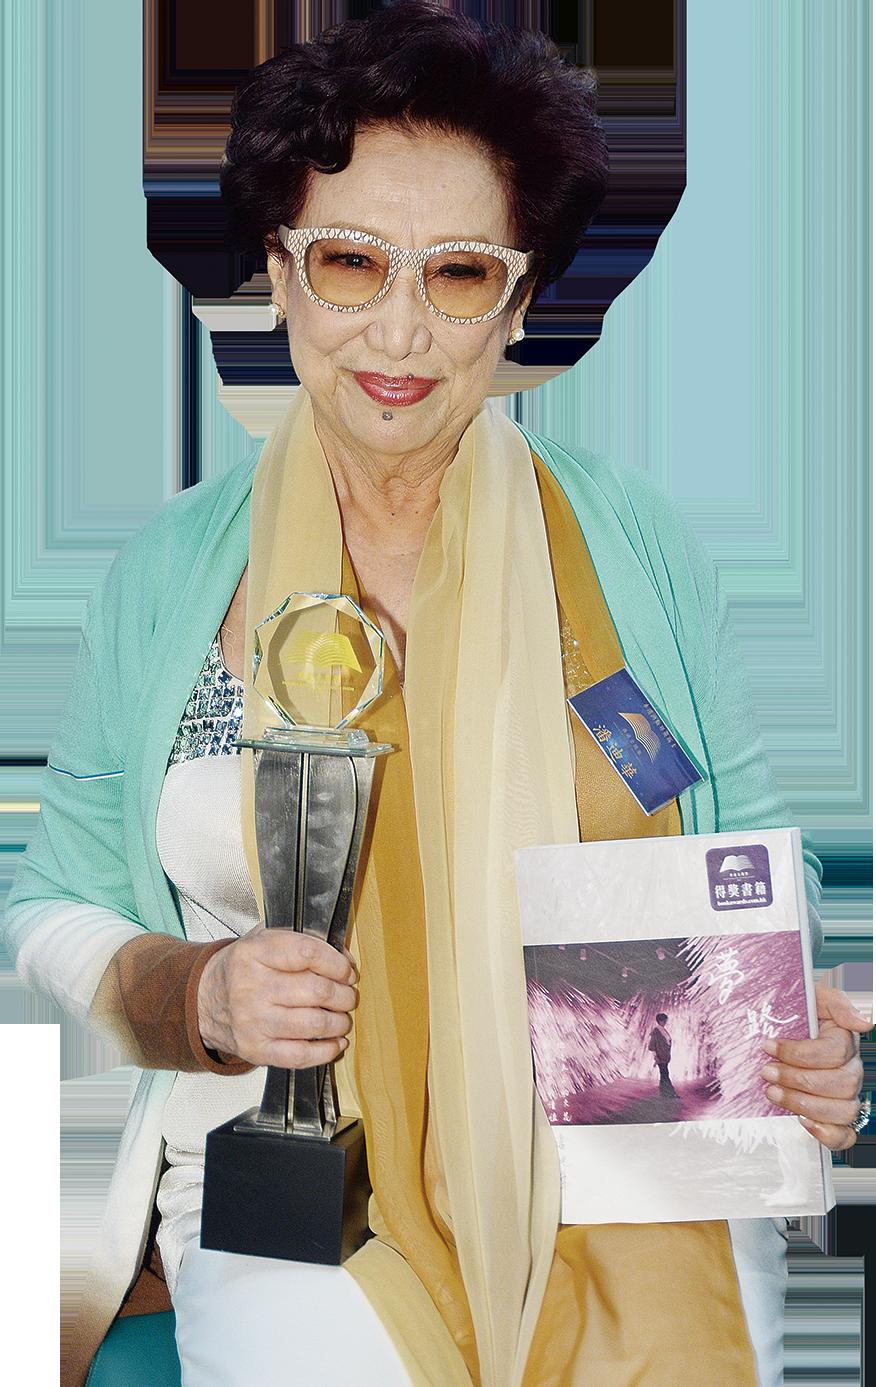 87歲潘迪華呼籲年輕人看多些好書,並叮囑大家要做好自己的本份。(宋碧龍/大紀元)